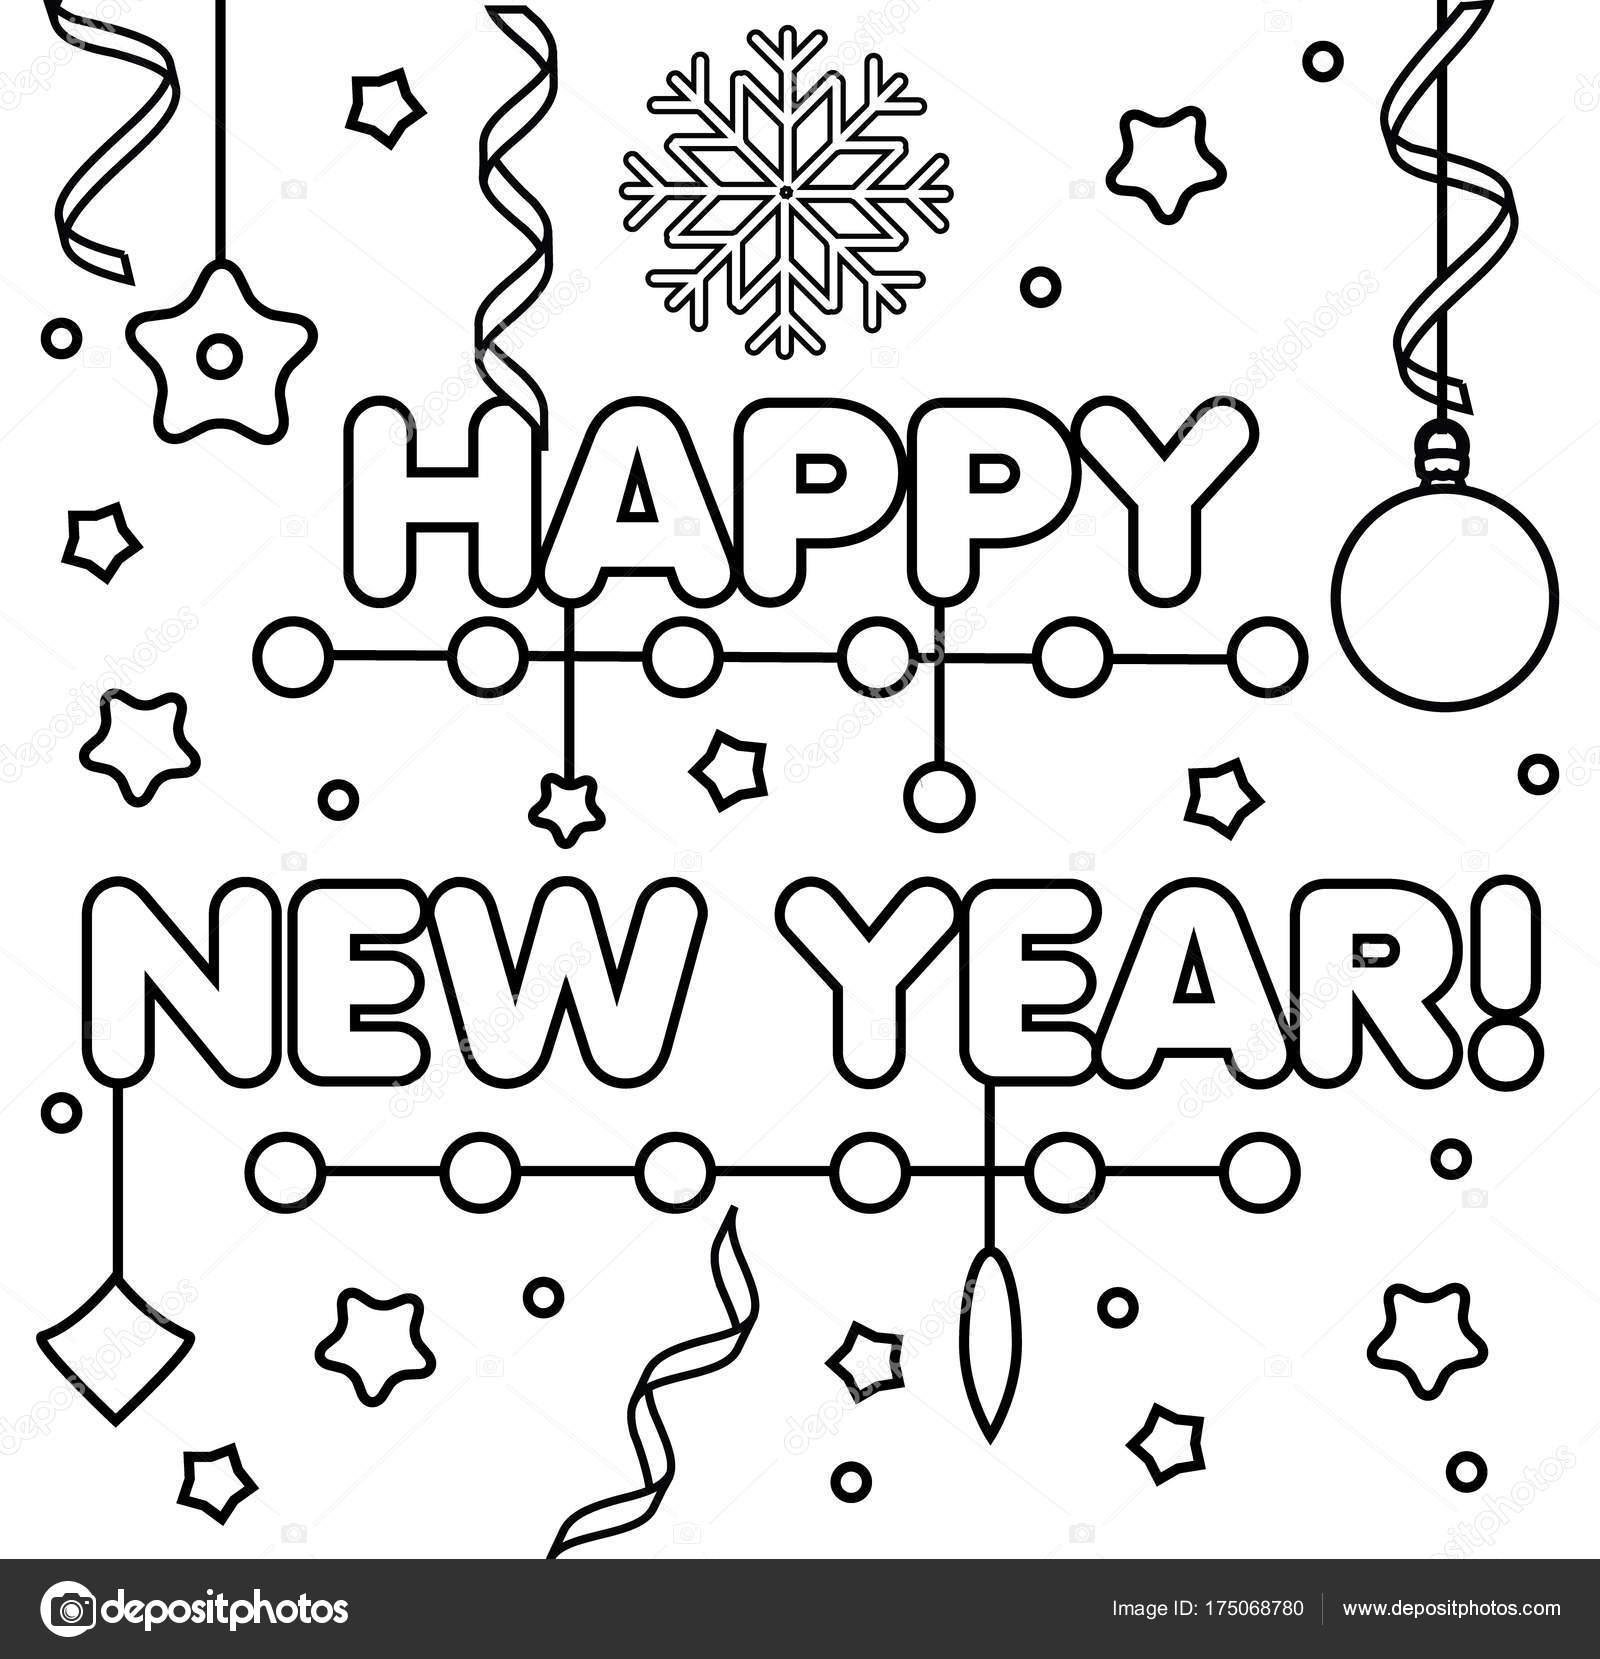 Színező oldal boldog új évet szöveggel. Rajz gyerekek